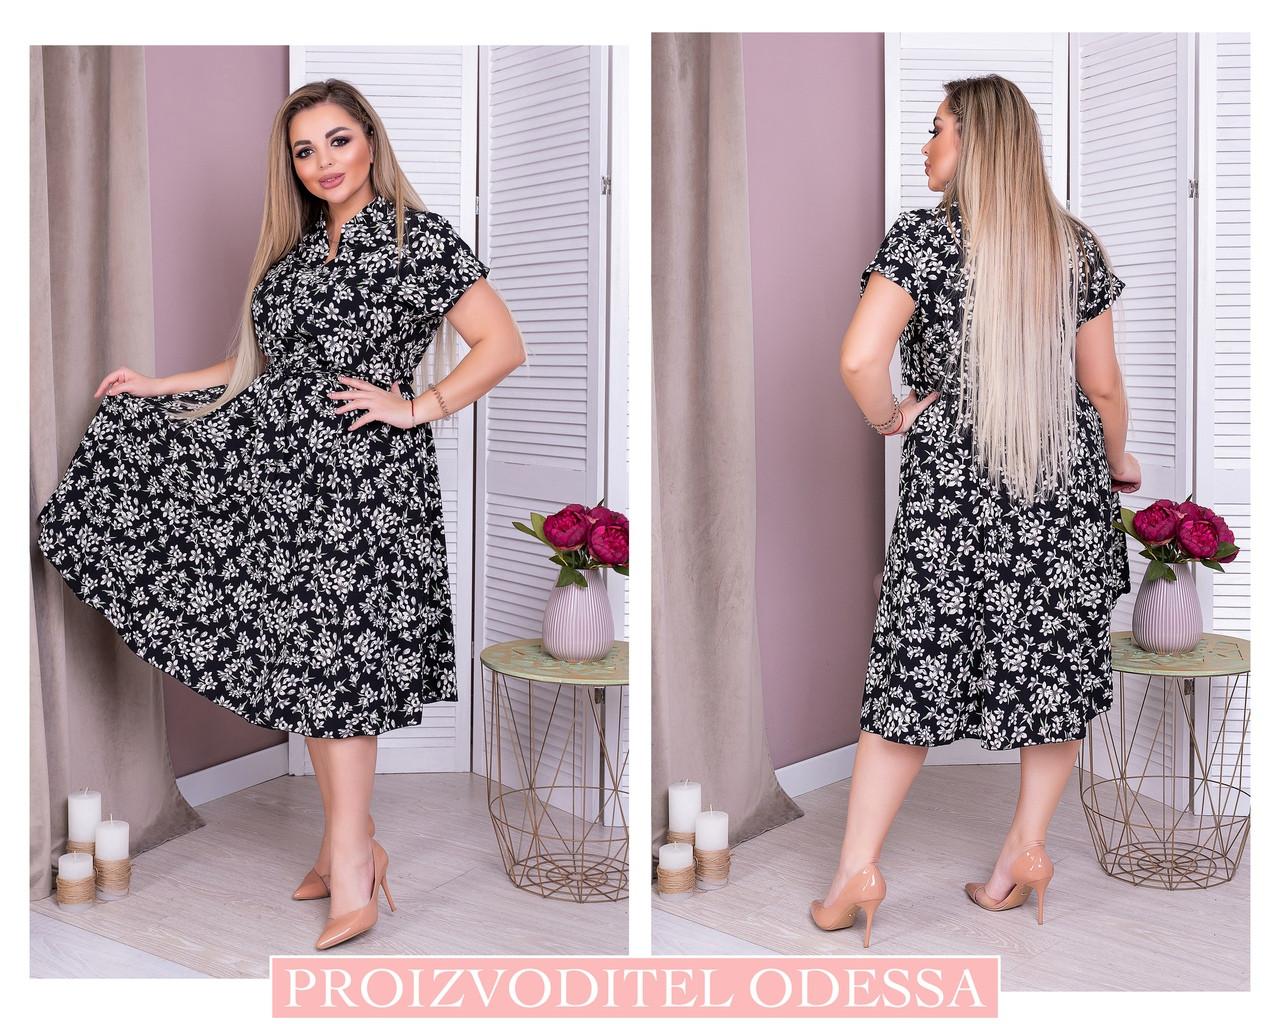 Красивое и легкое платье в мелкий принт, хорошо для работы в офисе р.50-52,54-56,58-60,62-64 код 73Е